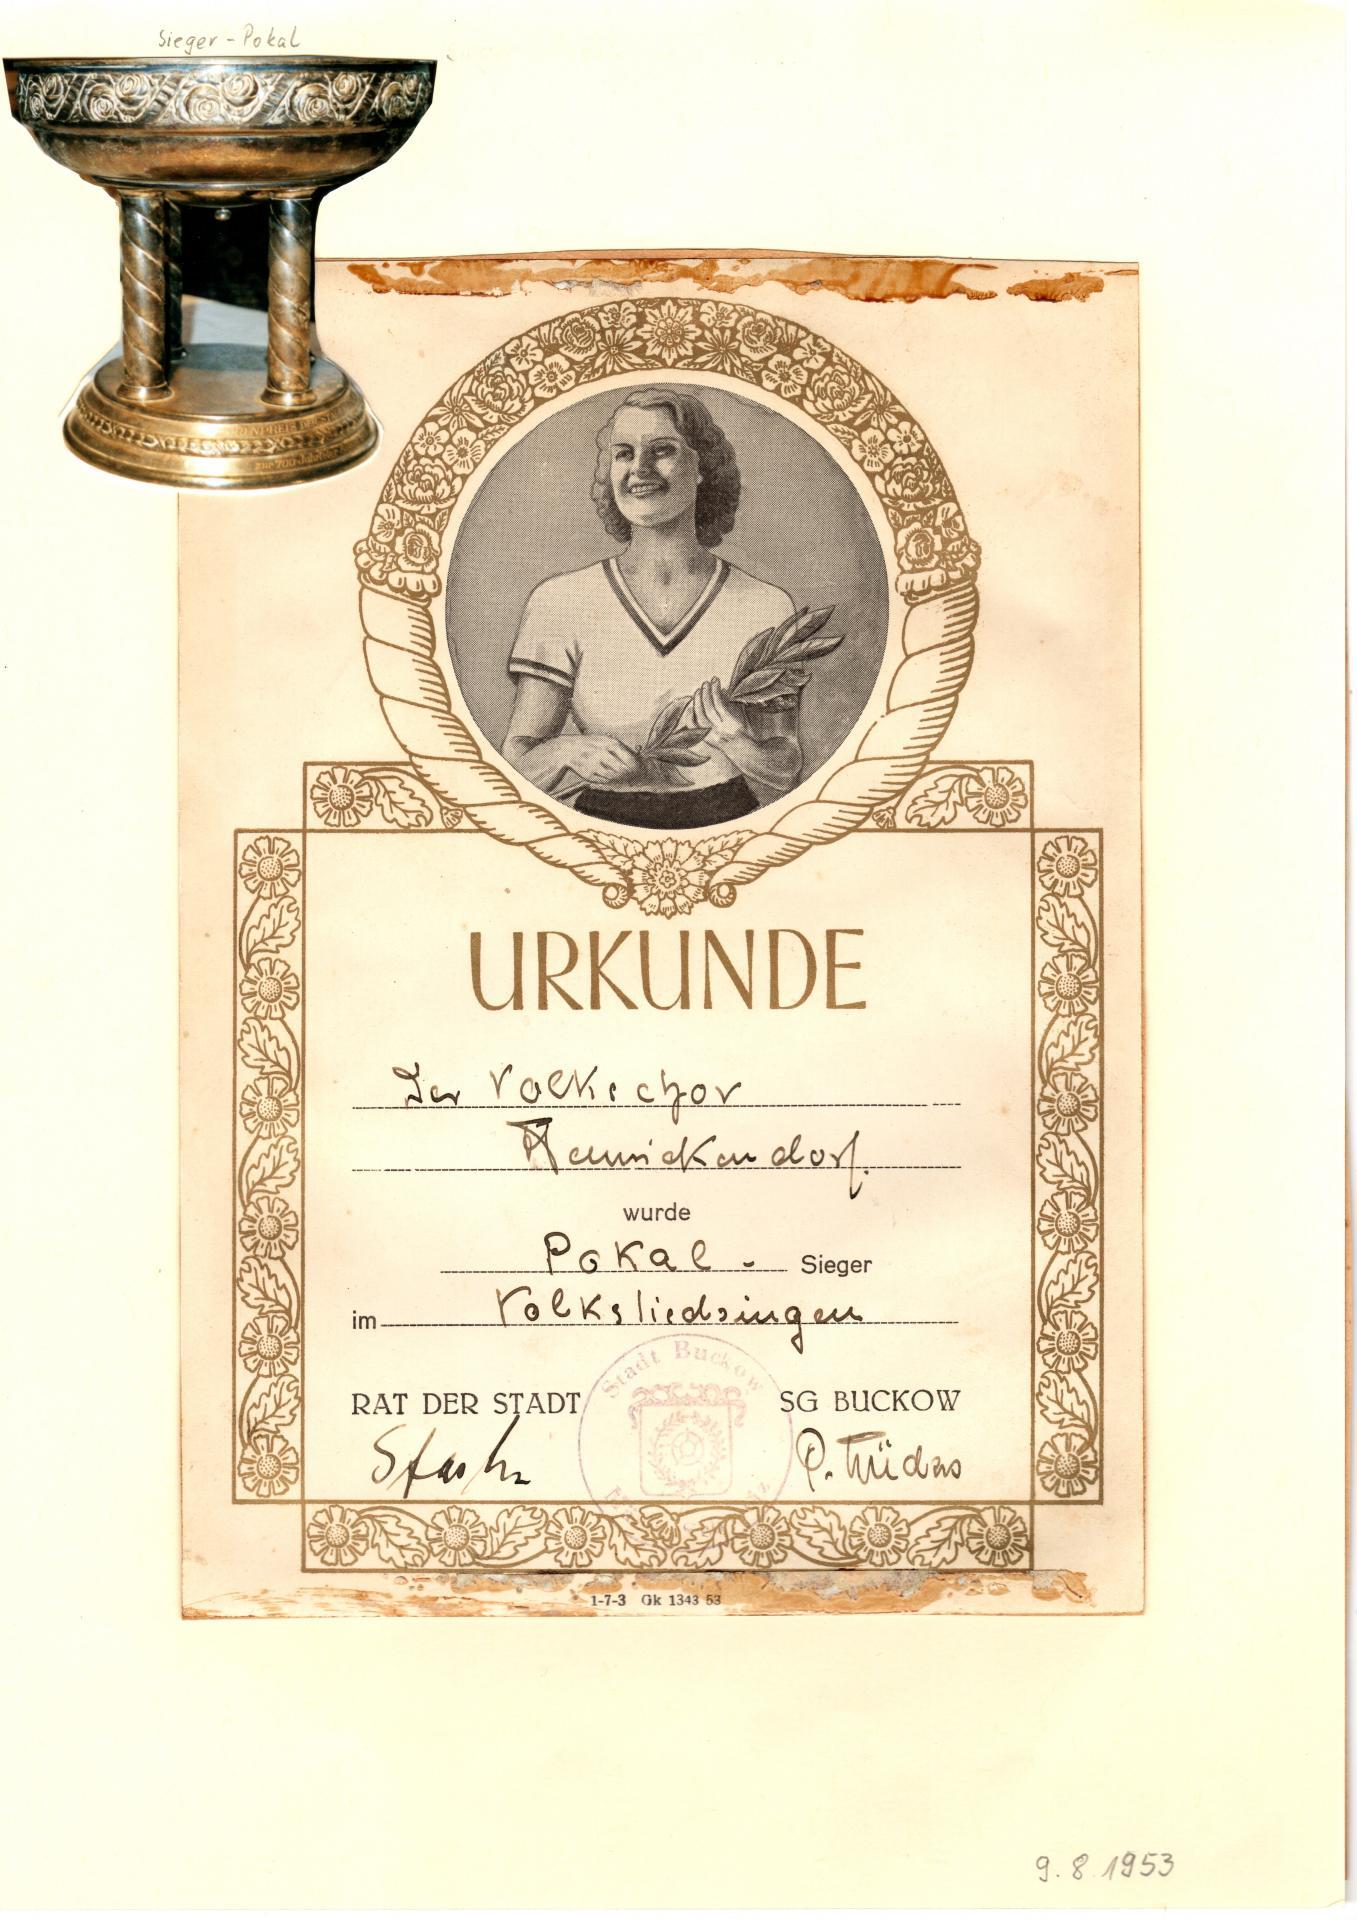 Sängerwettstreit 1953 Buckow  Archiv Volkschor